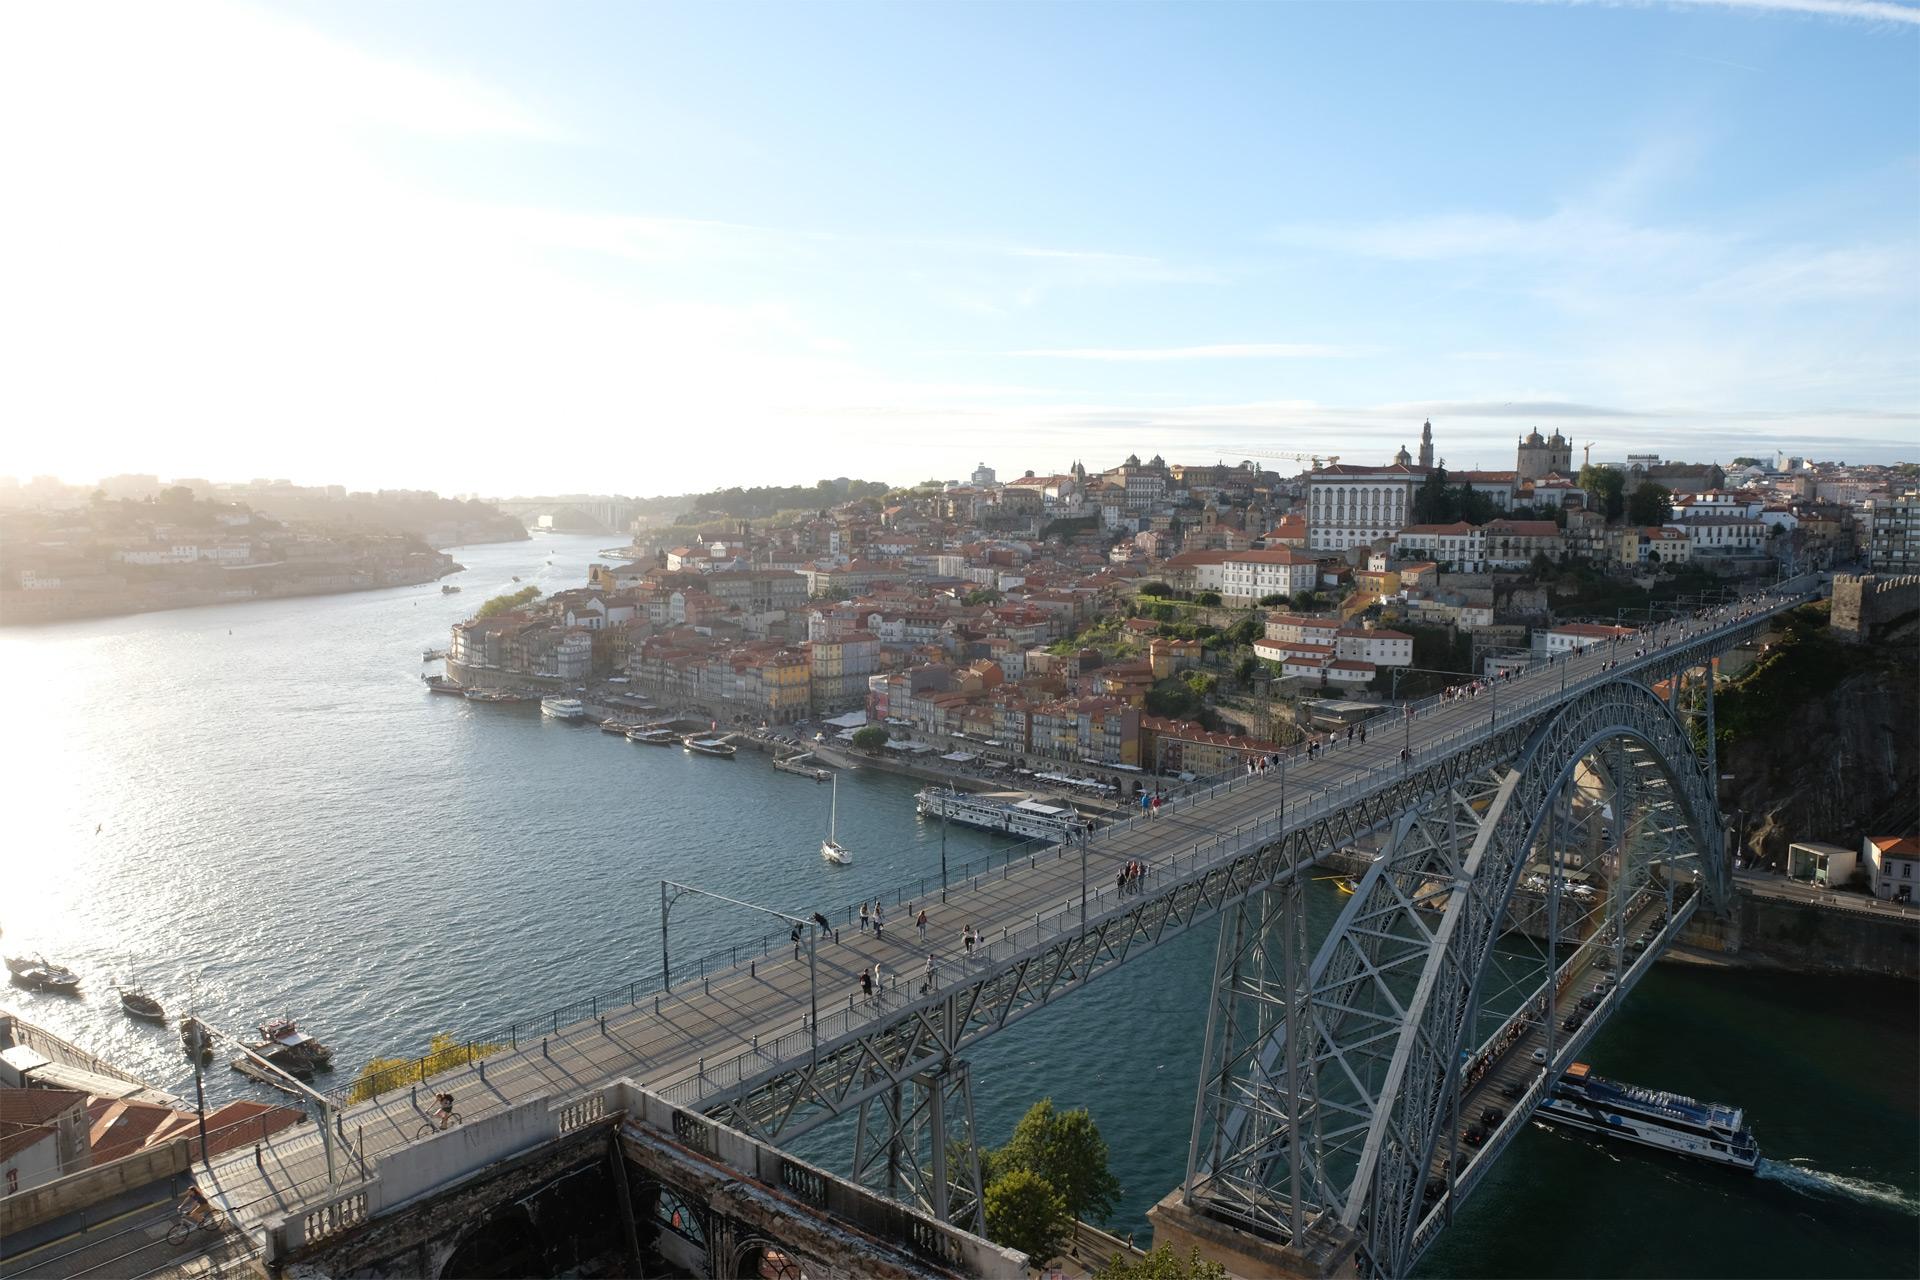 Porto #1 (Dom Luís I Bridge) / Travel Show the Original Portugal Porto Fujinon XF 16-55mm f/2.8 Fujifilm X-T2 [porto 1 o 1]